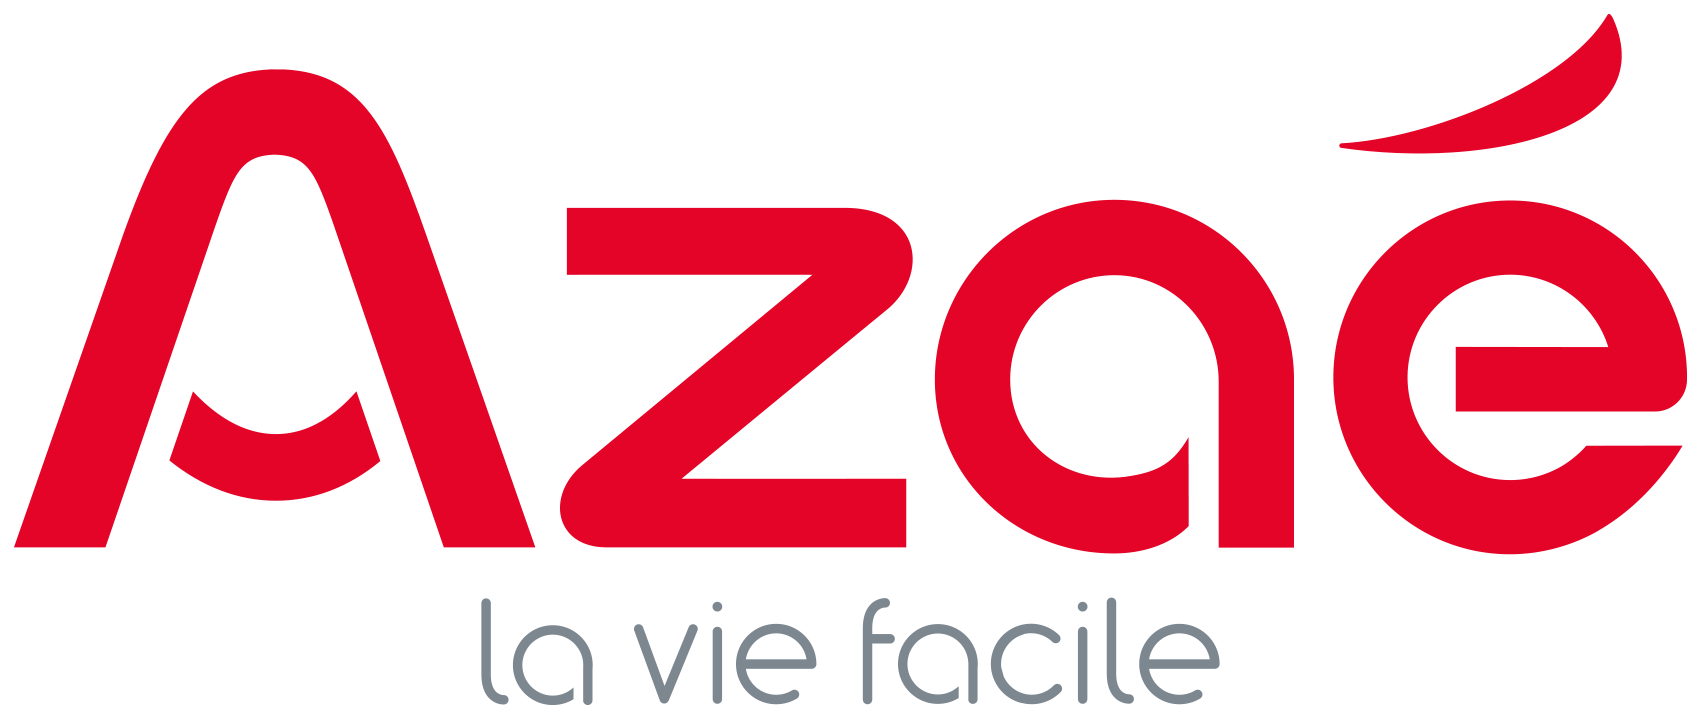 Azaé Val de Marne - Aide à domicile et femme de ménage services, aide à domicile